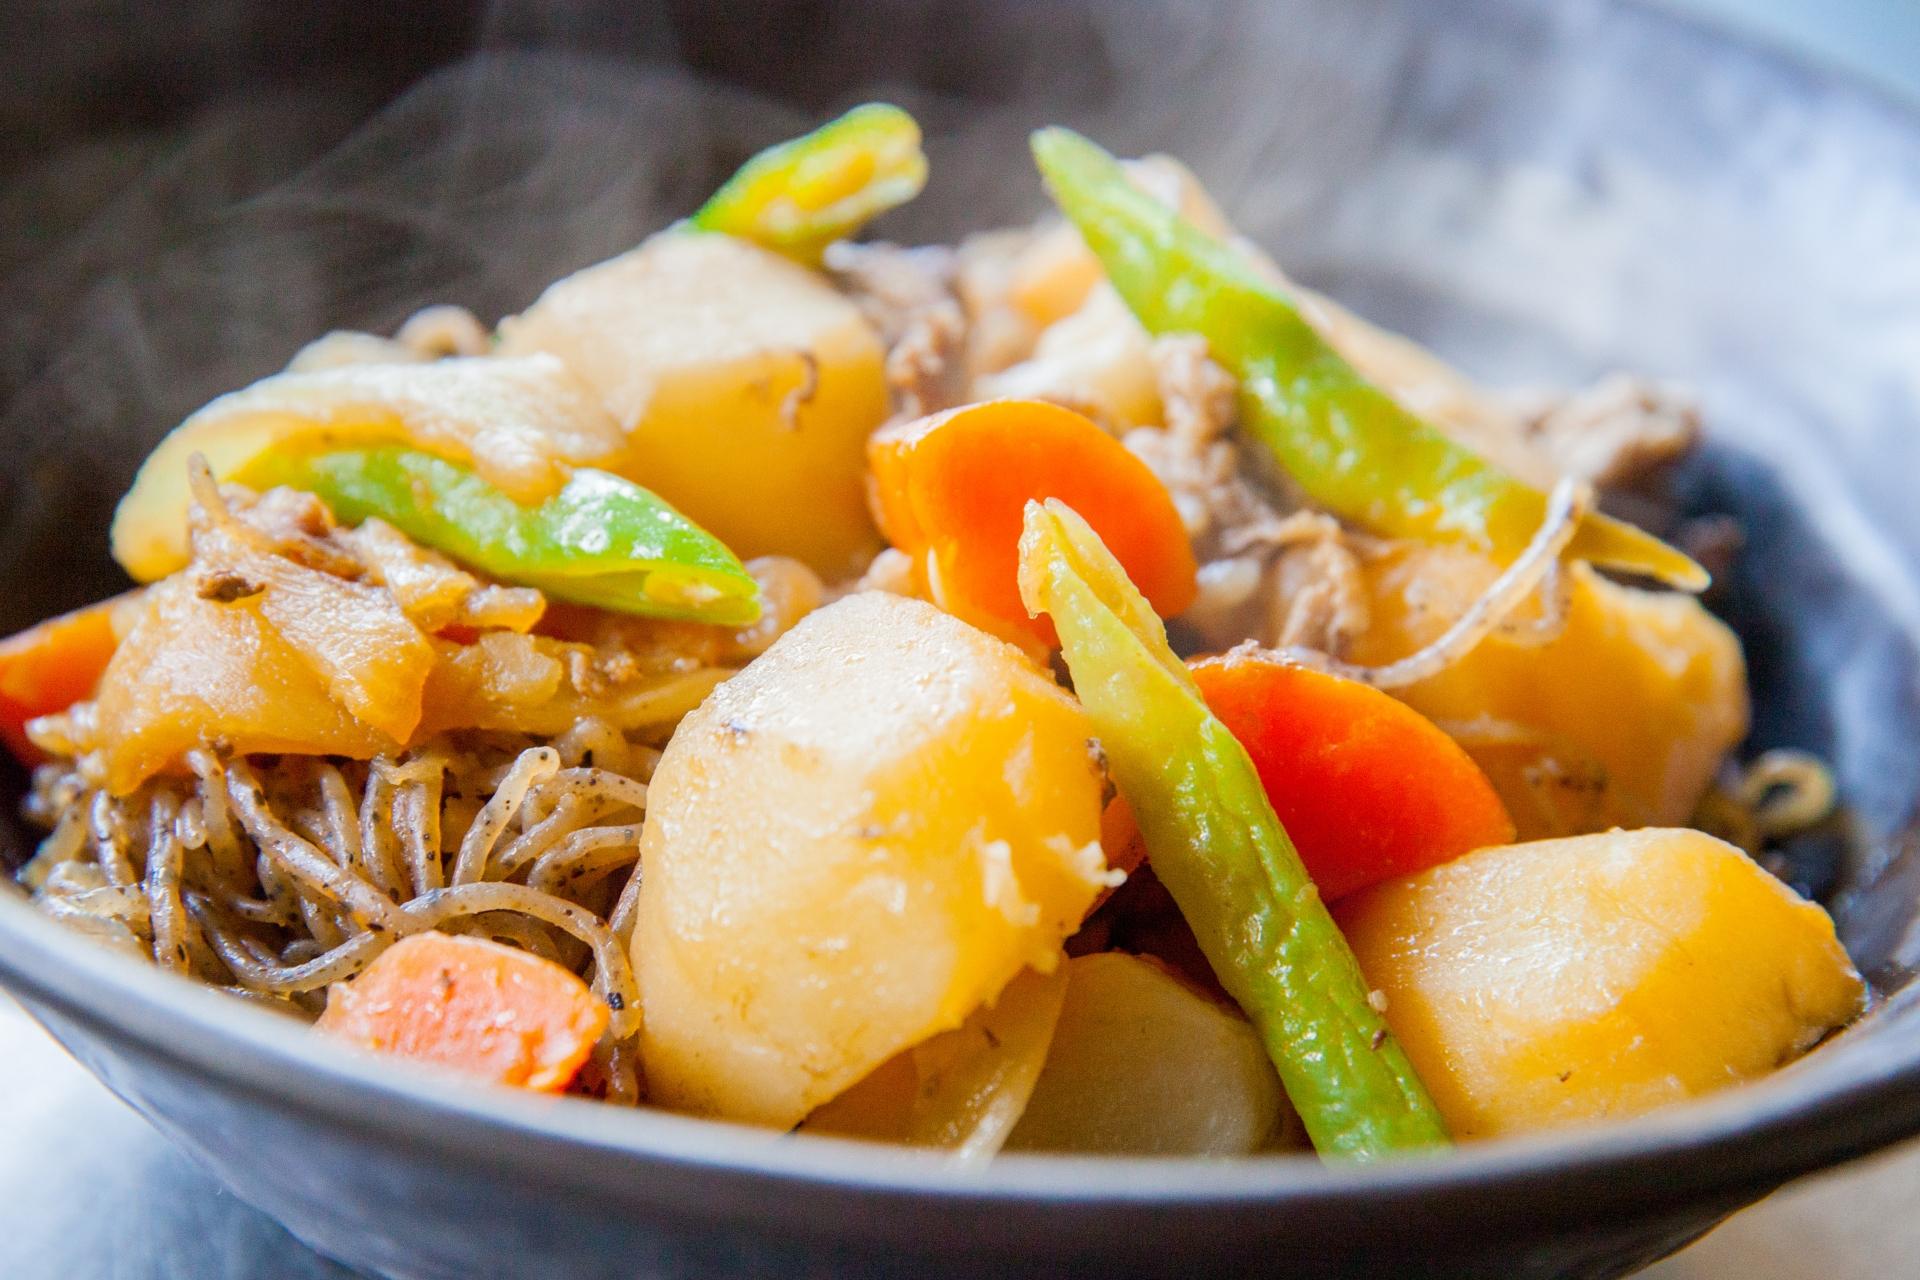 煮物を作ろう!簡単に美味しい料理を食べる方法について